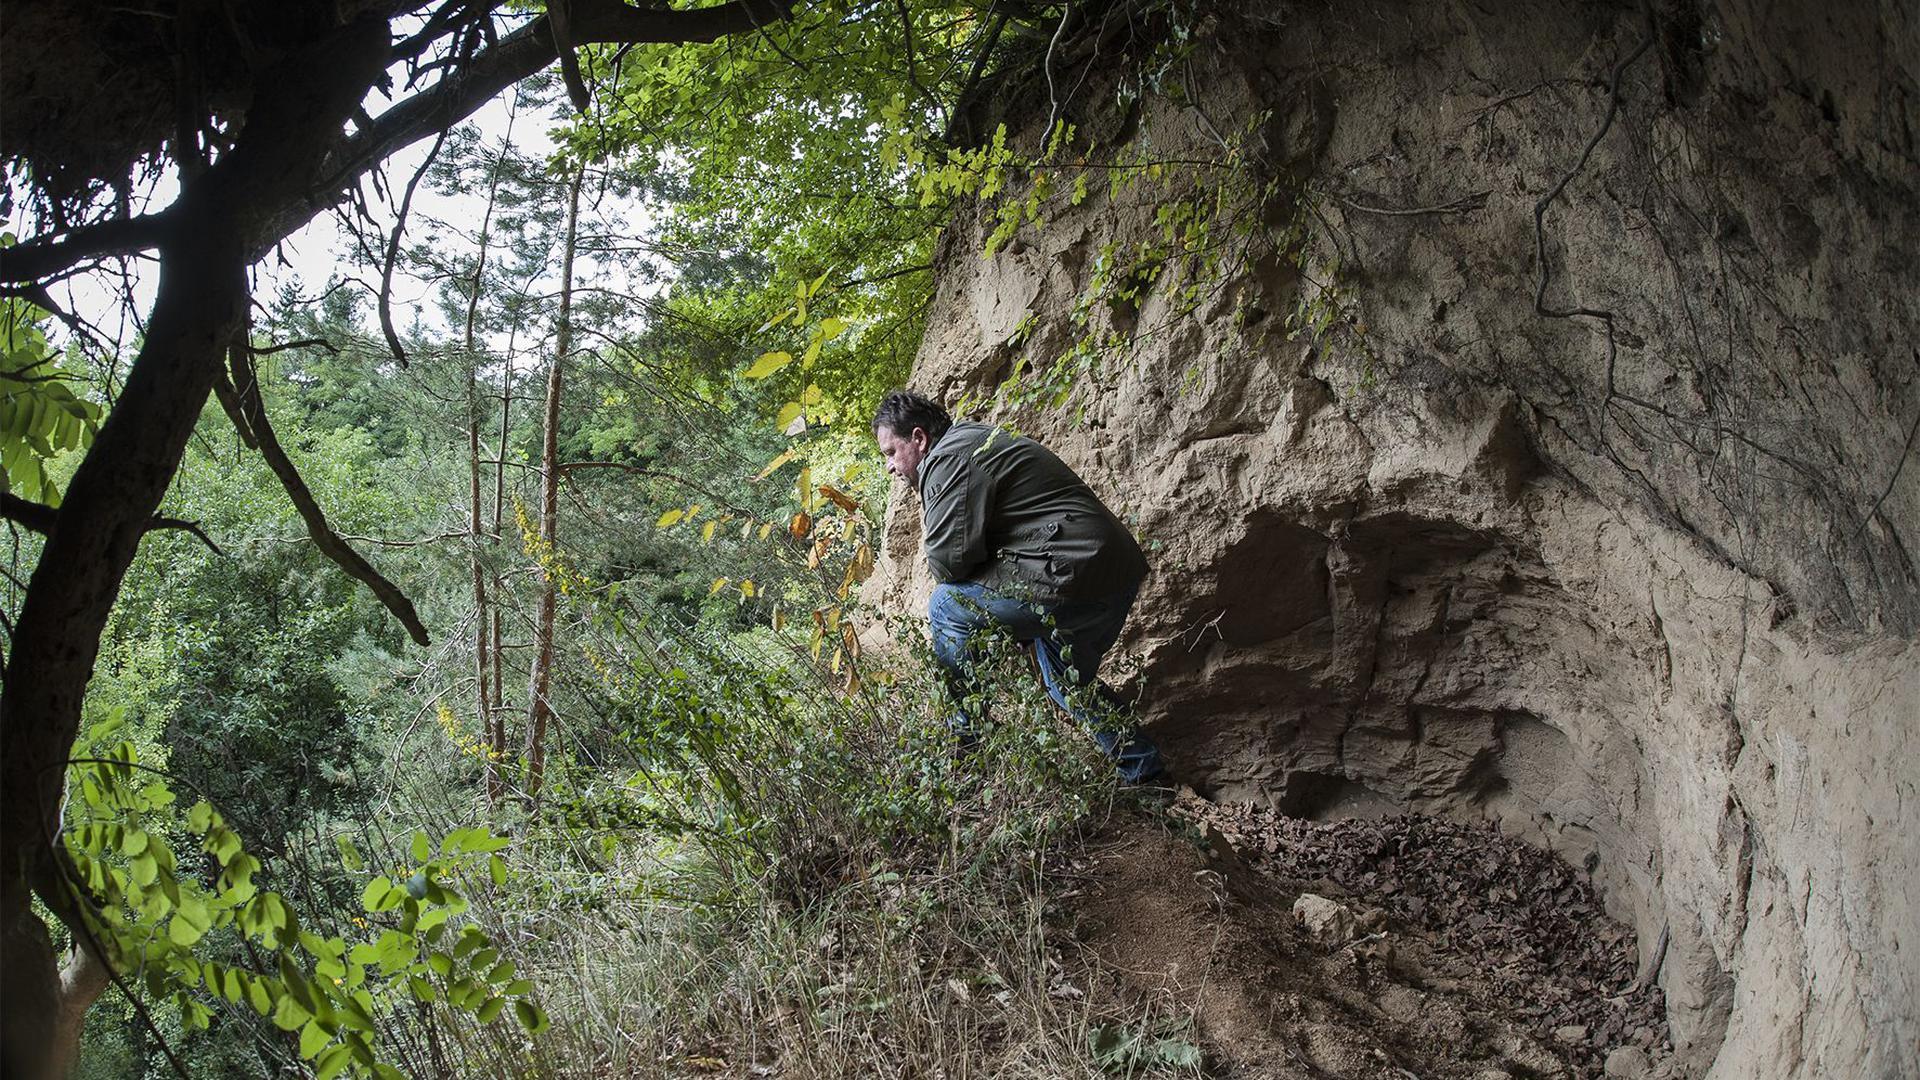 """Hier sitzt Robert Wormer an einem Odenheimer Lärmenloch. Früher war es eine ganz geschlossene Erdhöhle. Doch an der Kante eines Steinbruchs im Zinkenbusch wurde das Kulturdenkmal """"aufgerissen""""."""